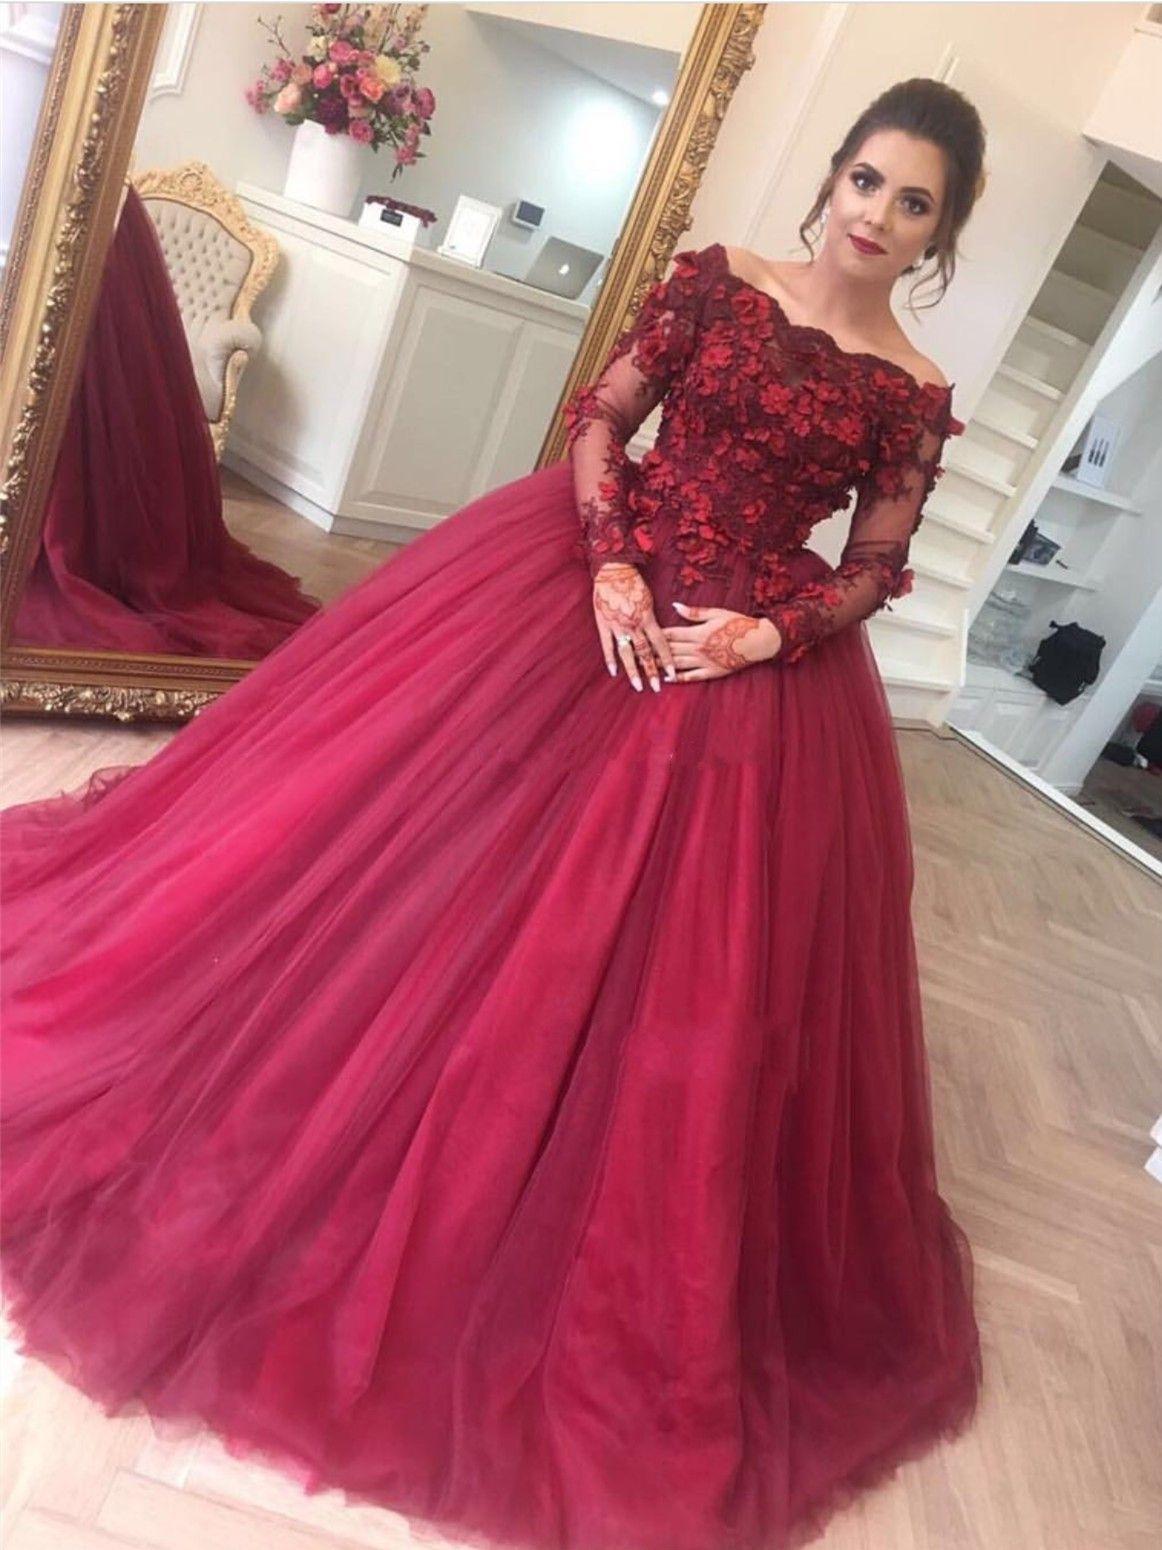 großhandel luxuriöse langarm ballkleid quinceanera kleider weinrot sweet 16  lace up zurück tüll prom dresses party kleider kleider für besondere